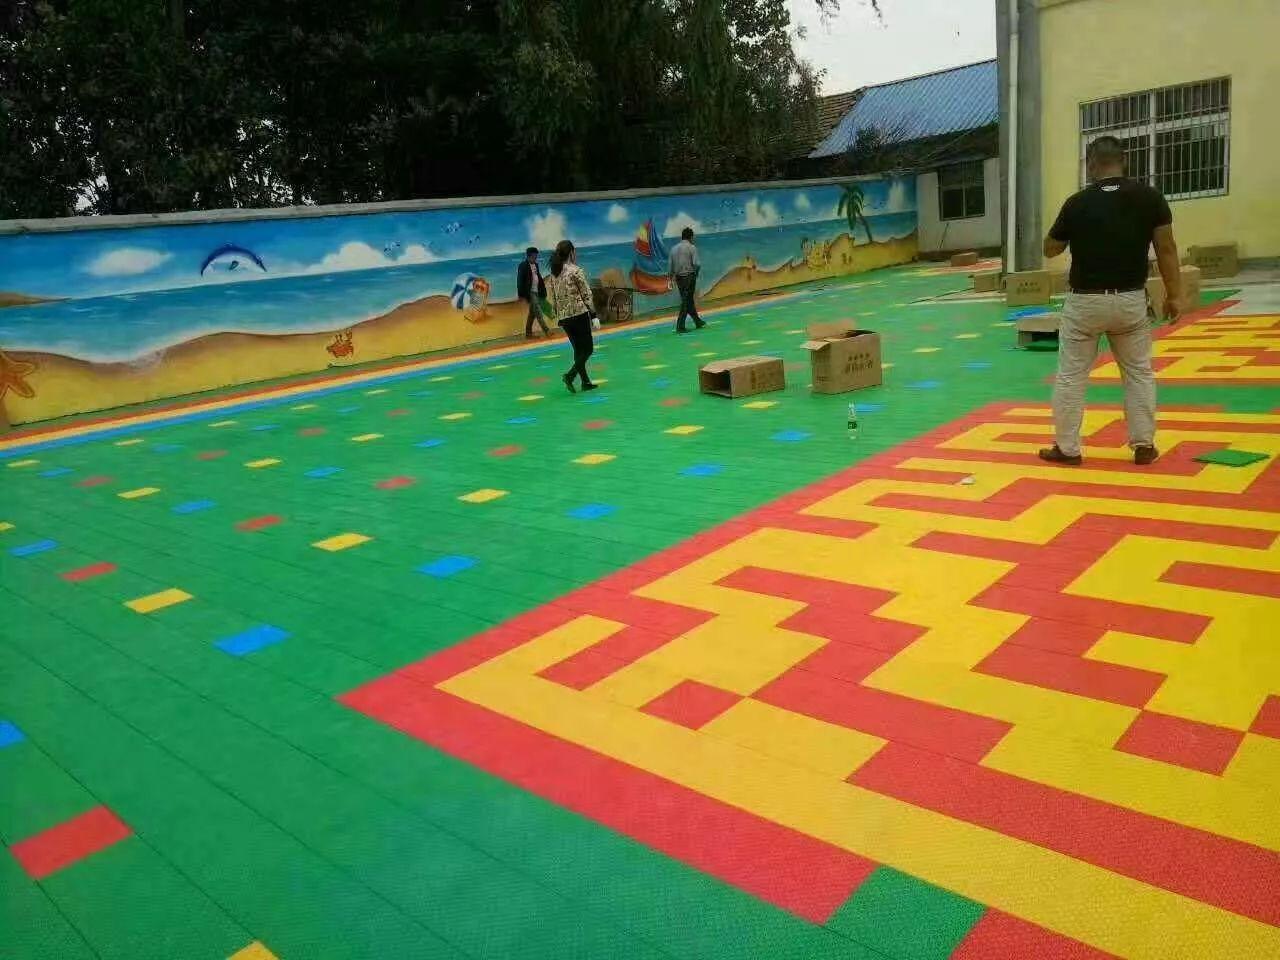 供应幼儿园地板运动地板悬浮地板拼装户外专用塑胶地板